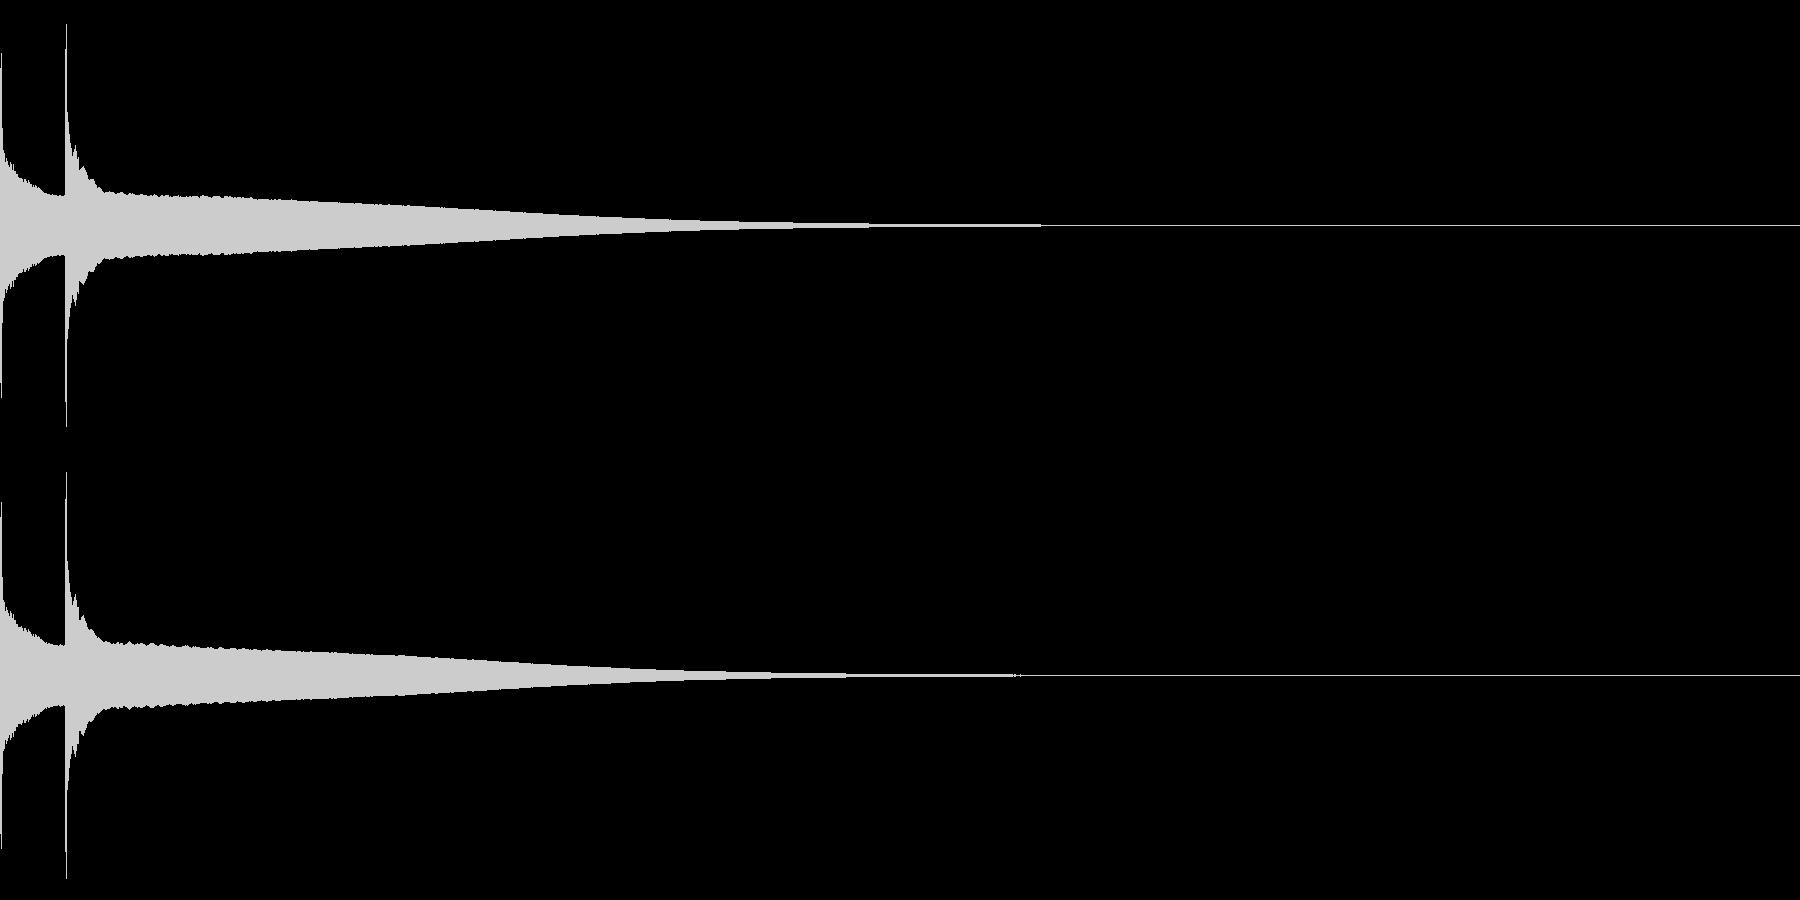 アイテム/コインゲット(音程高め)の未再生の波形